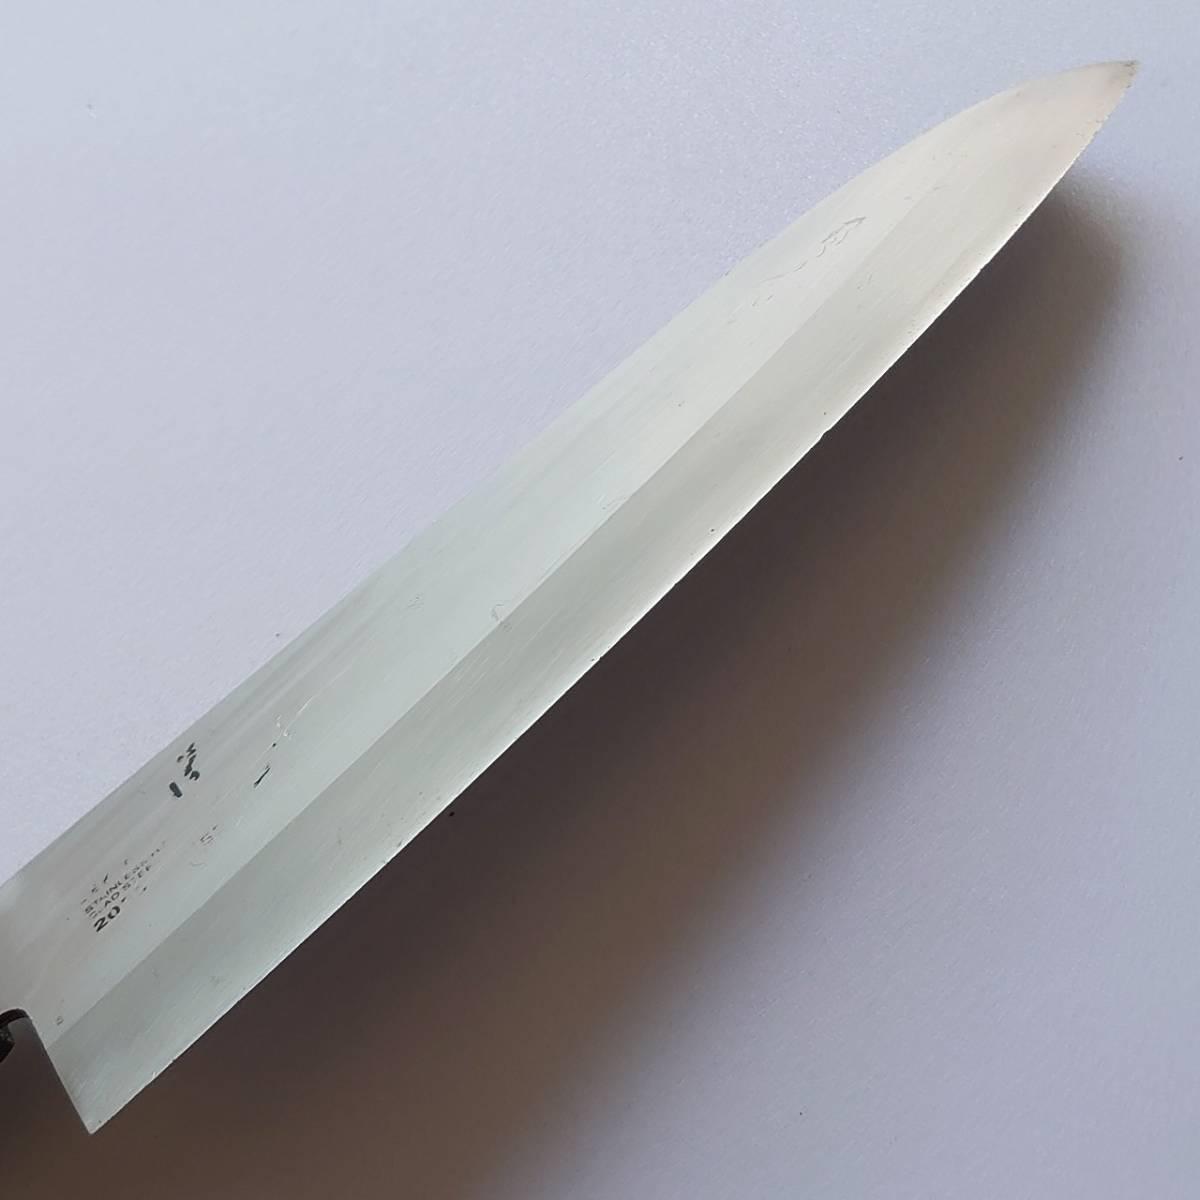 万能包丁 関孫六 KAI 刃長約165㎜ 洋包丁 三徳包丁 調理器具 刃物 日本製 【8315】_画像6